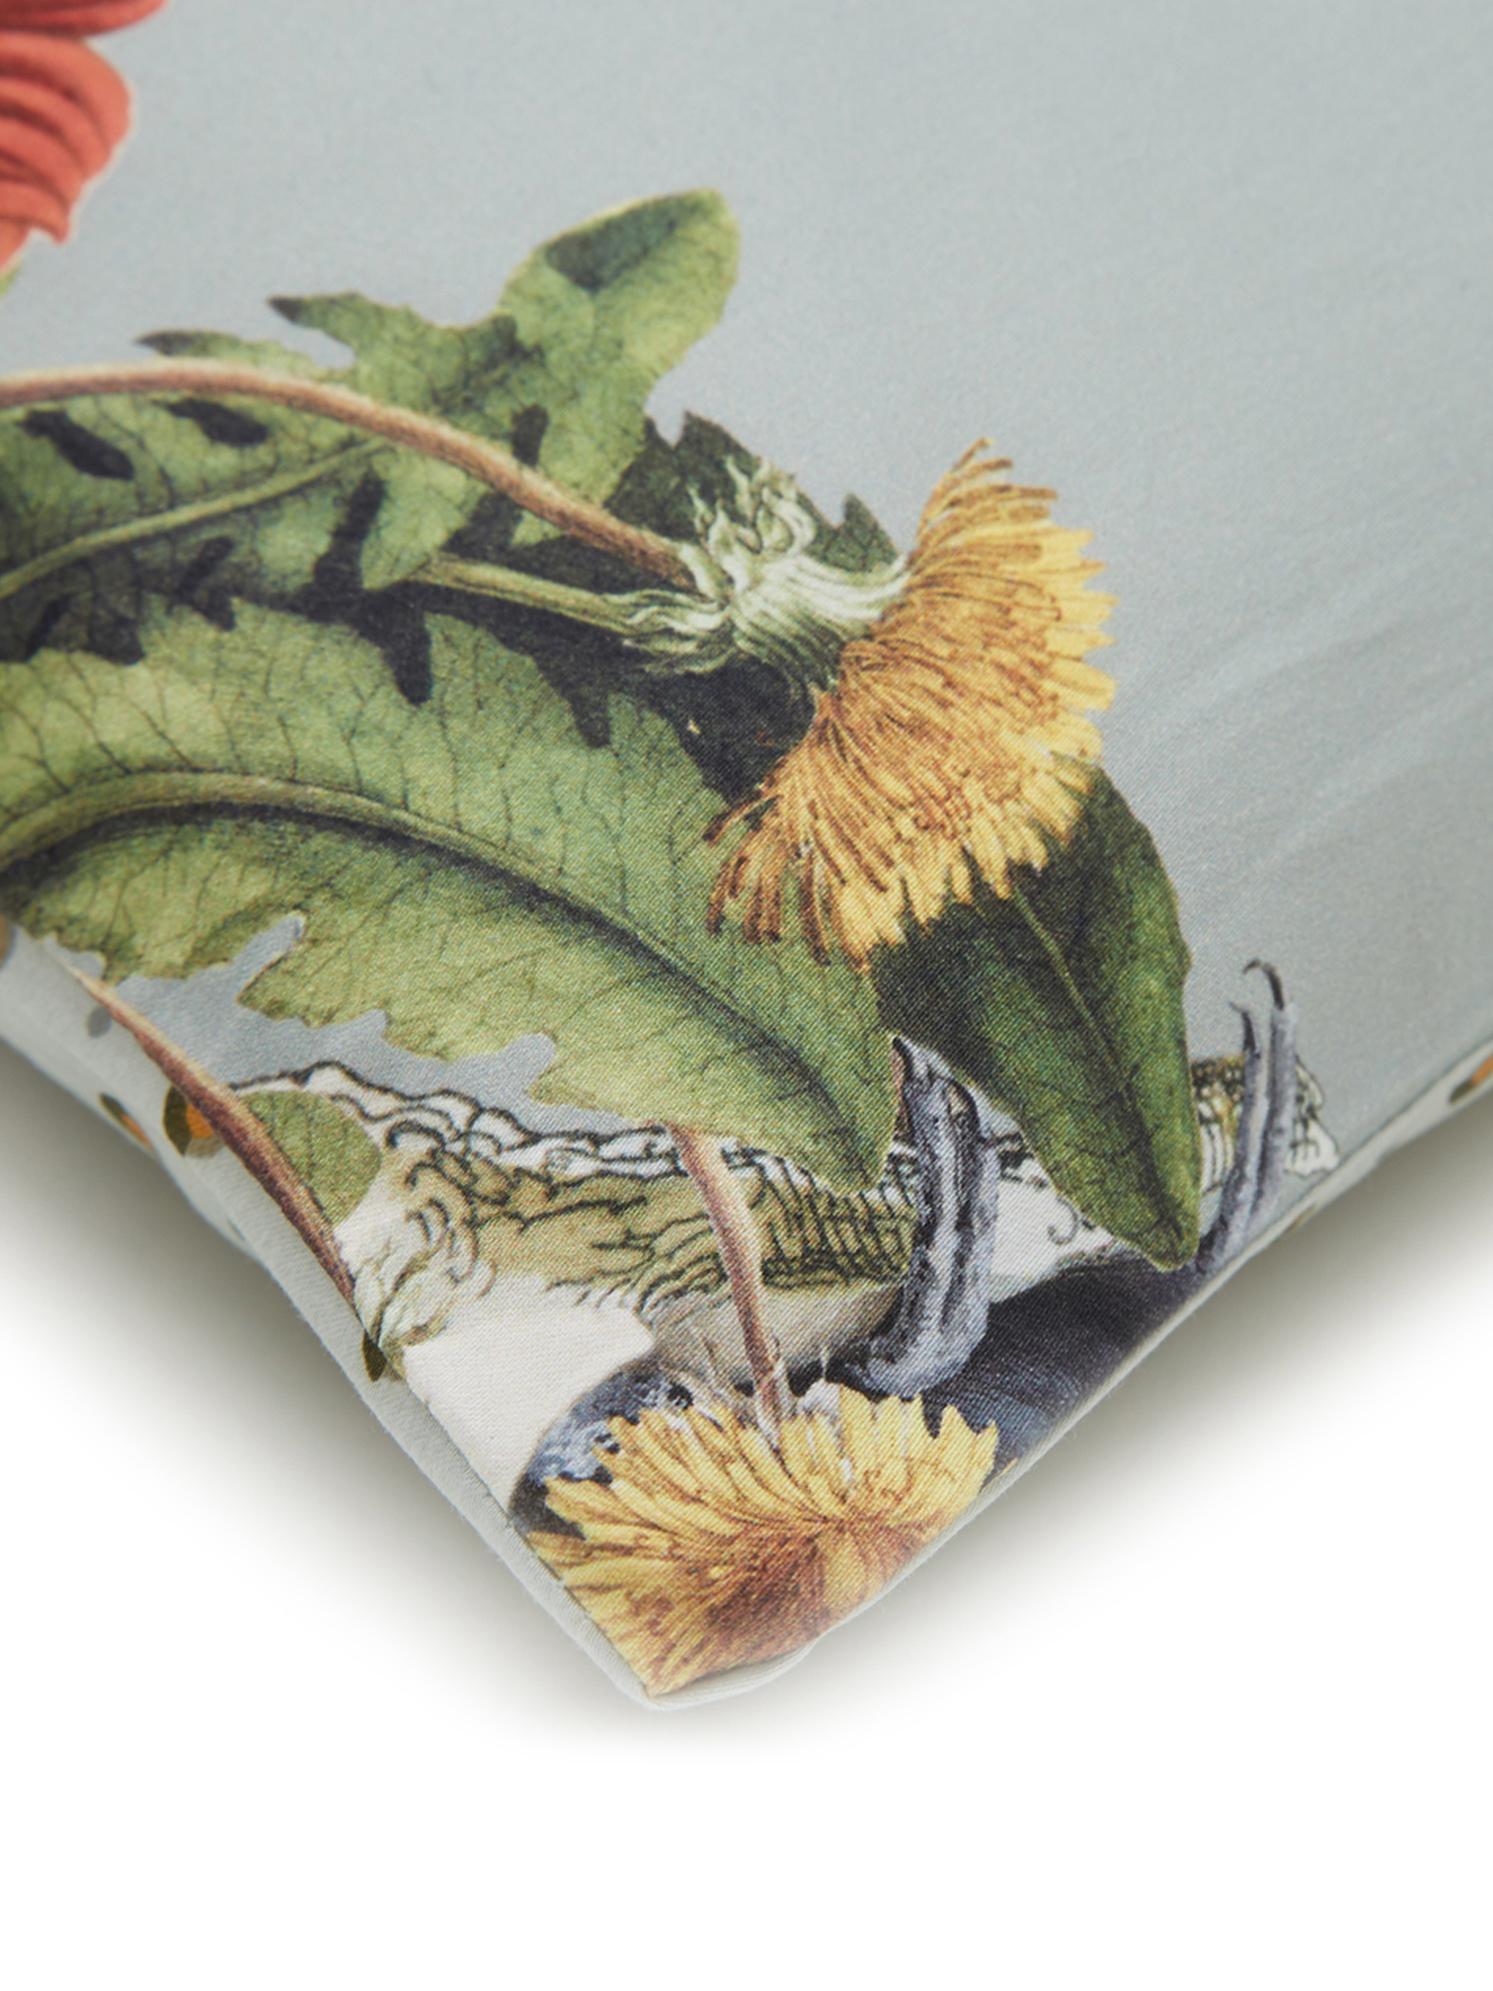 Dubbelzijdig katoensatijnen dekbedovertrek Airen, Weeftechniek: satijn, Grijsgroen, multicolour, 260 x 220 cm